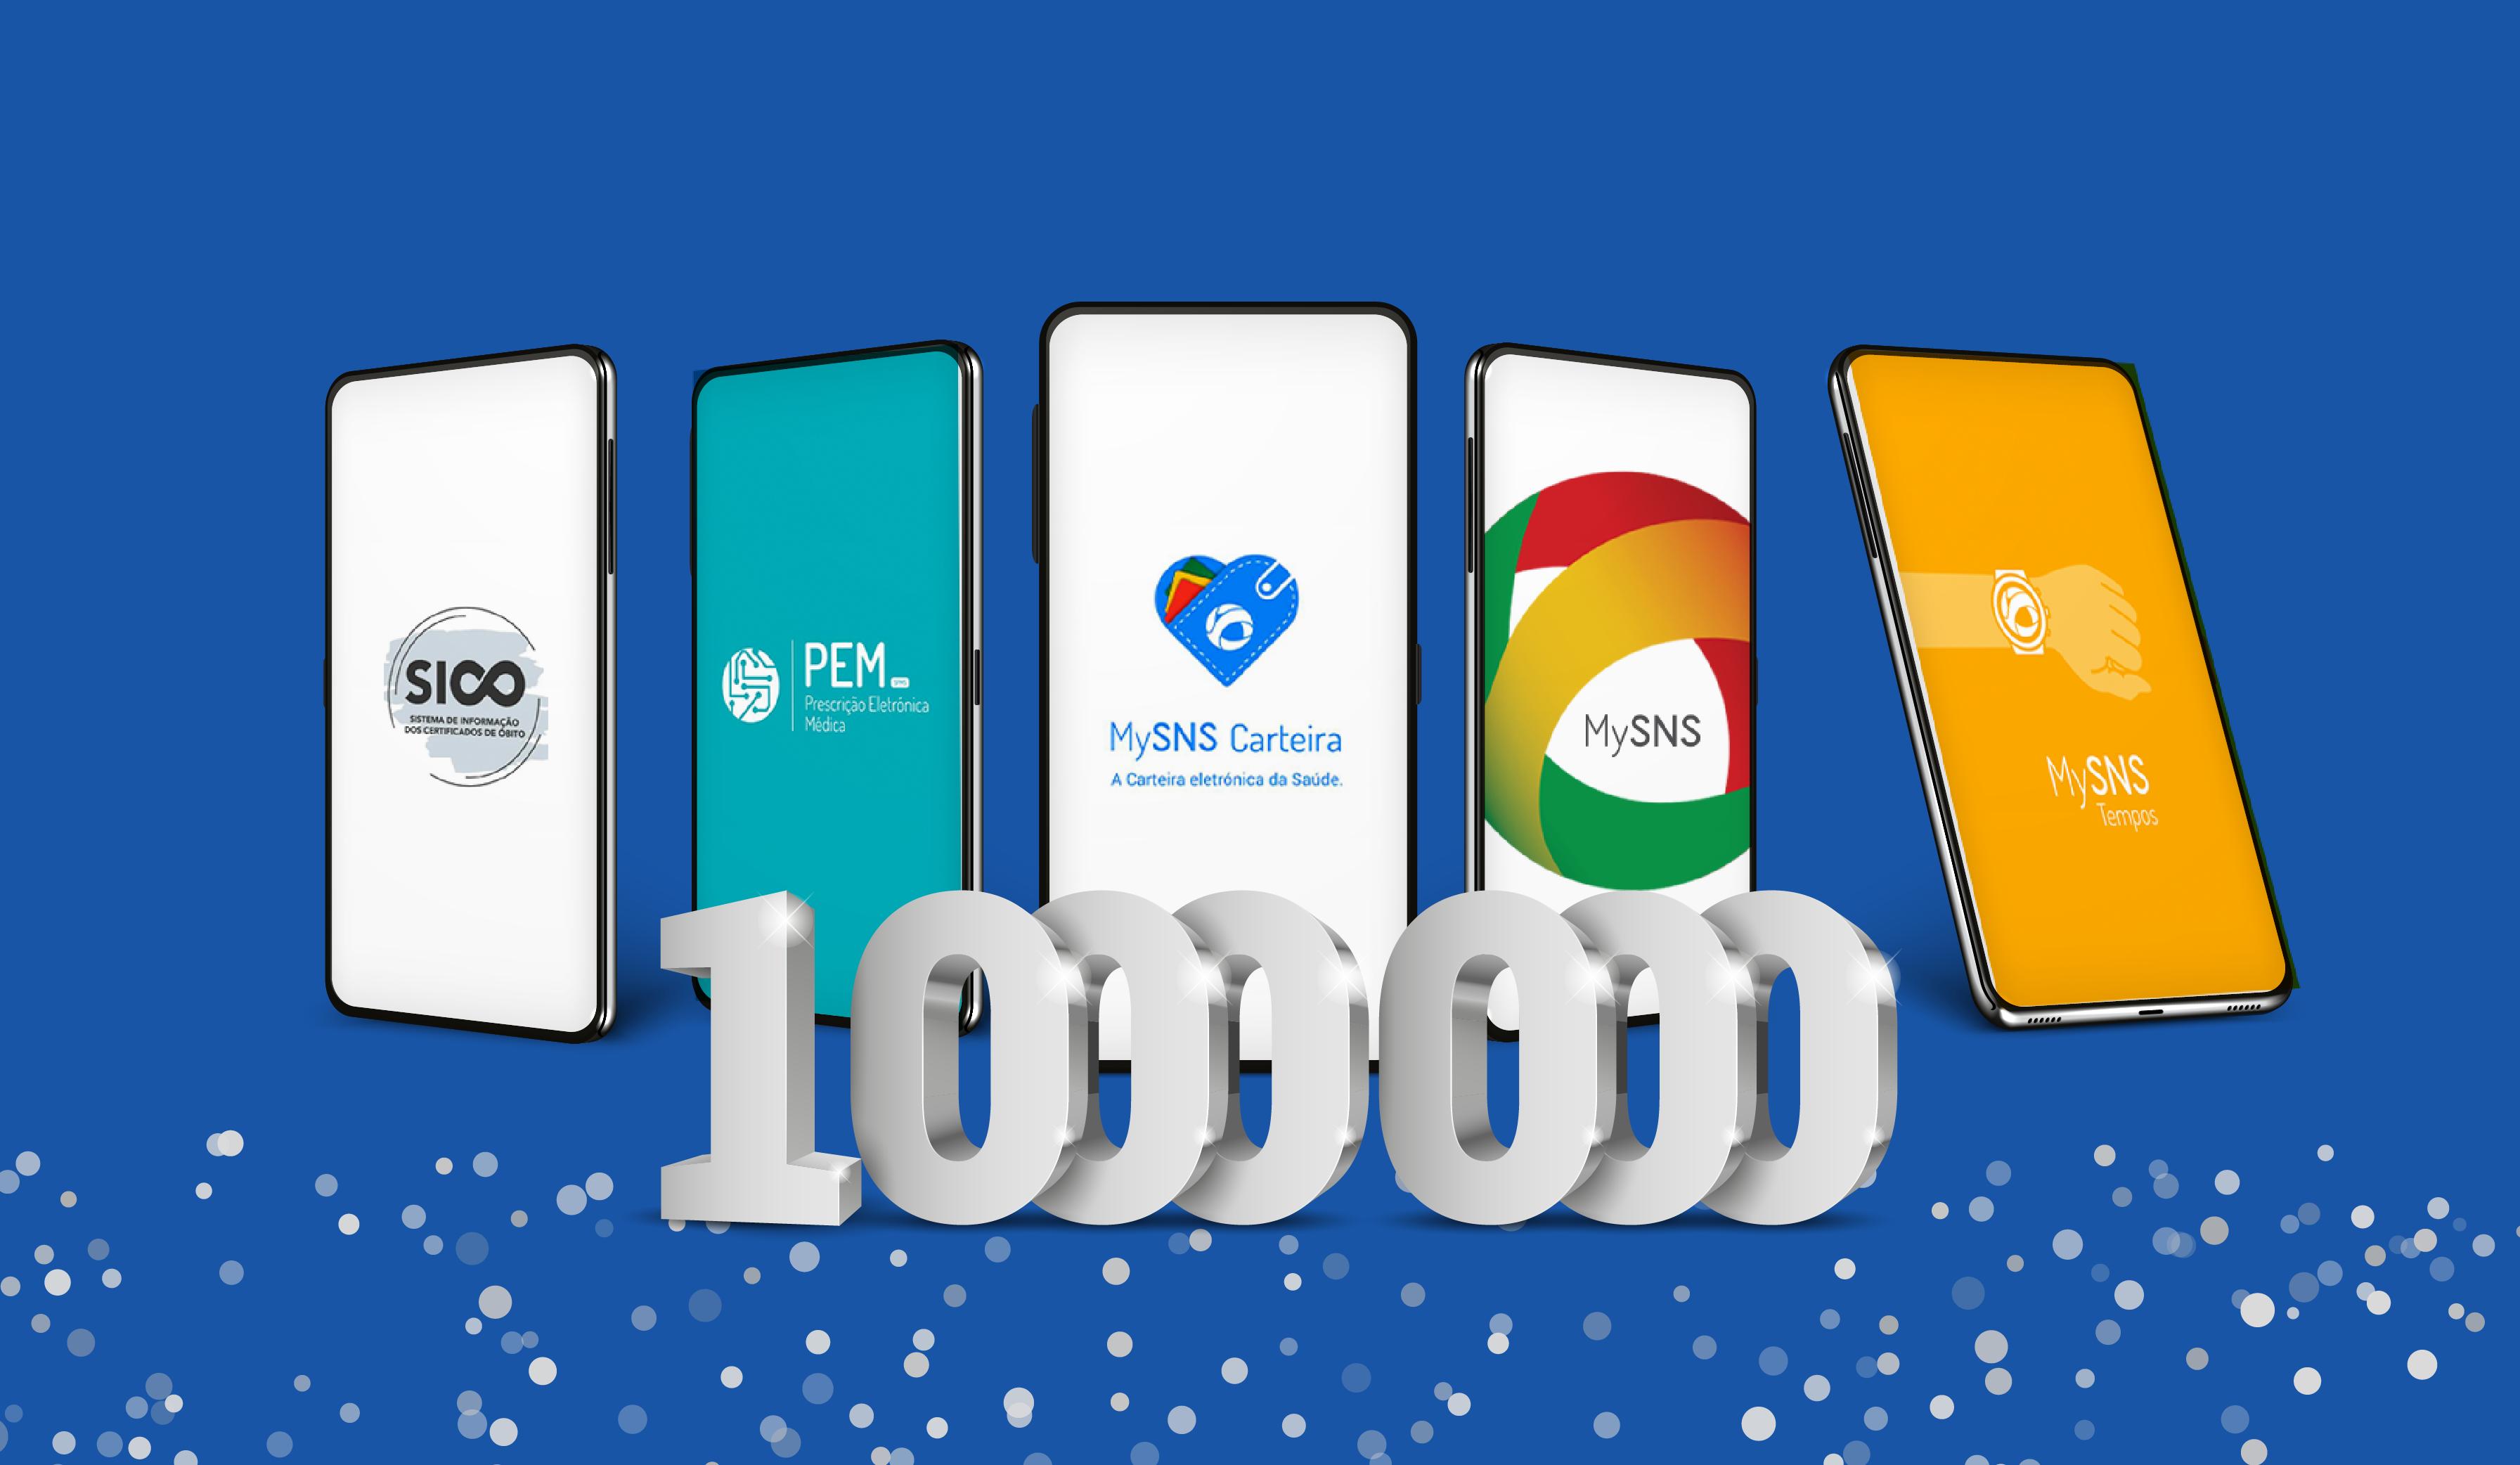 Apps desenvolvidas pela SPMS com mais de 1 milhão de downloads